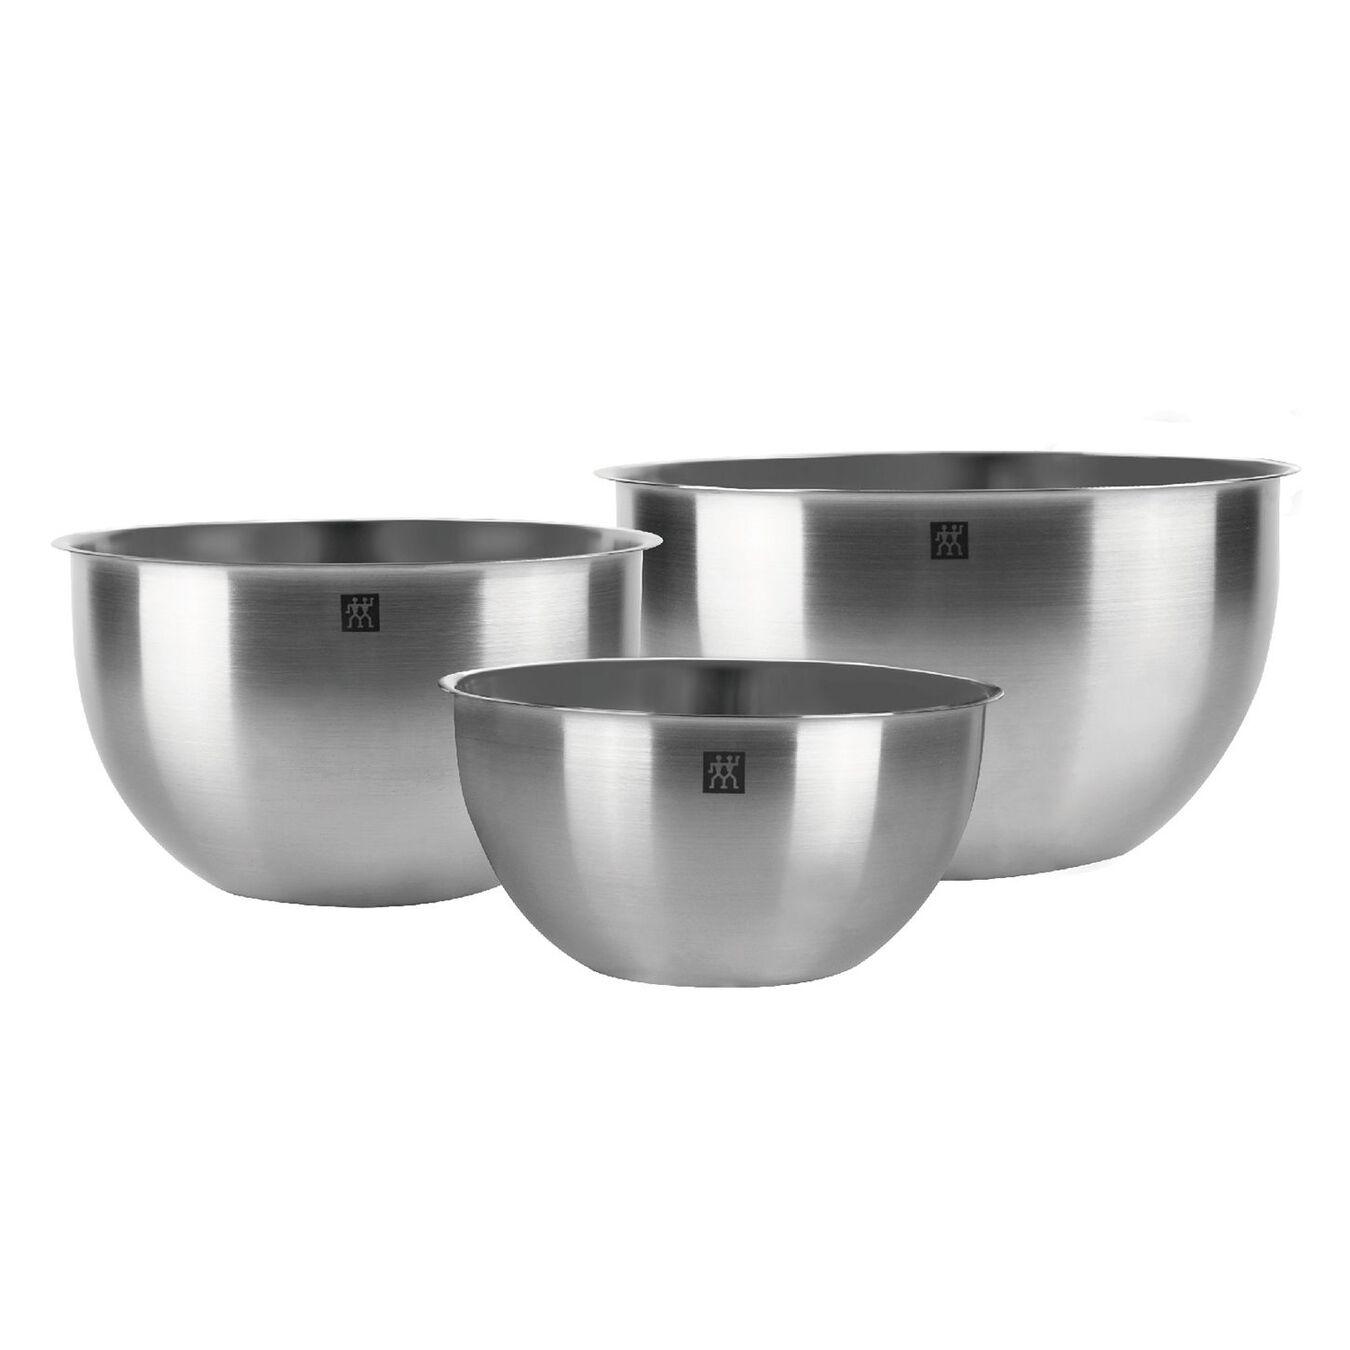 3-pcs 18/10 Stainless Steel Sets d'ustensiles de cuisine, (no colour),,large 1